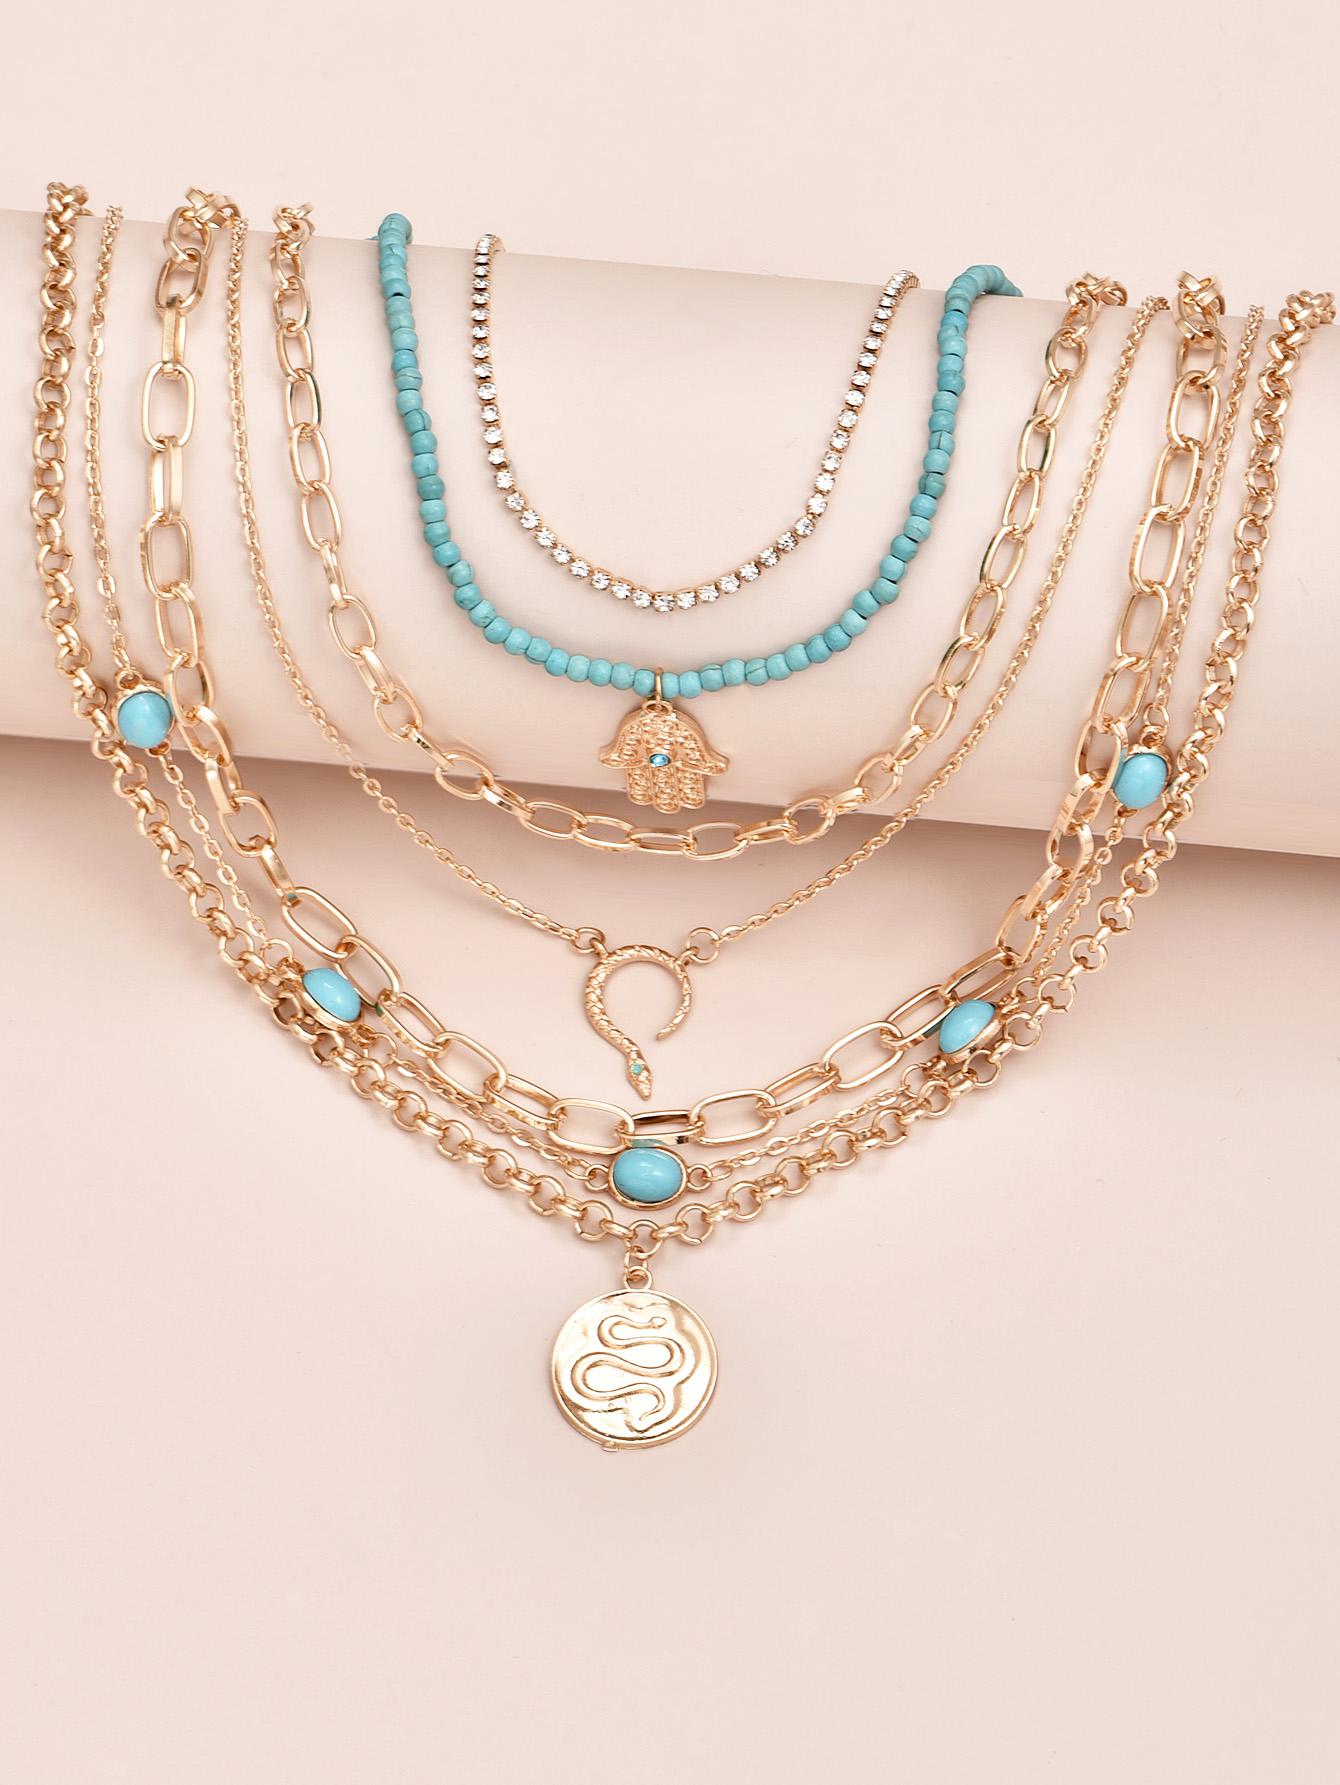 retro eyes natural turquoise snake palm pendant necklace  NHAJ365911